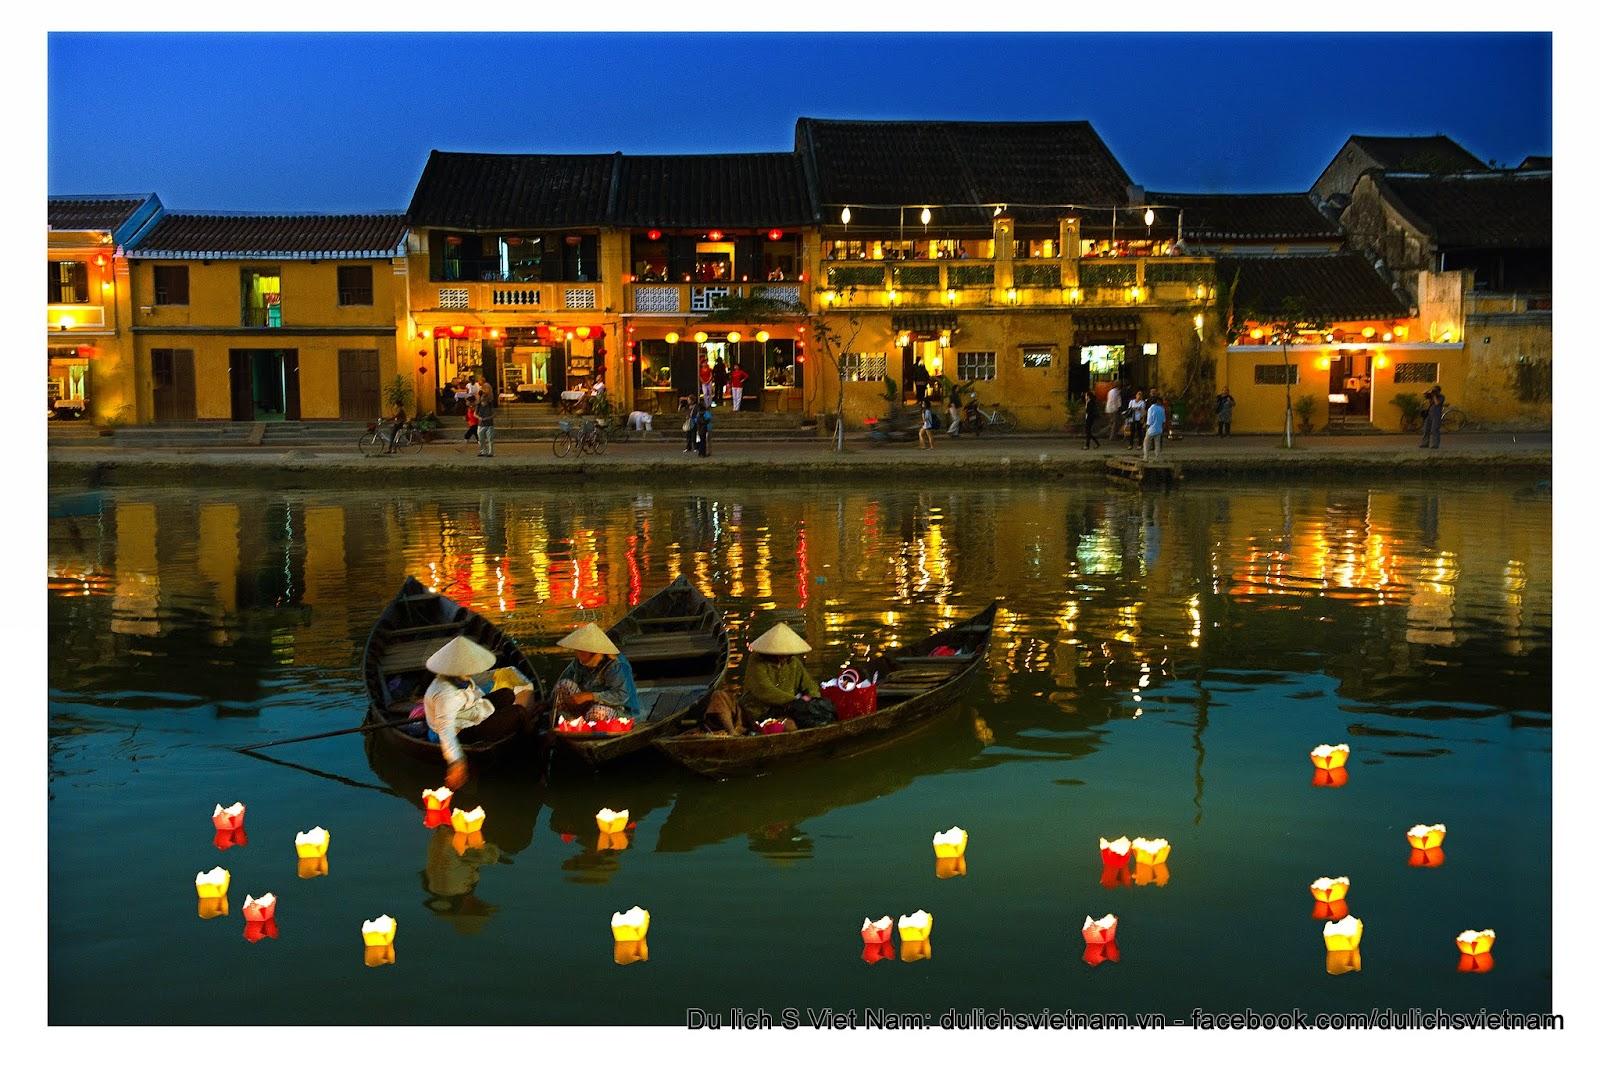 Hoai river